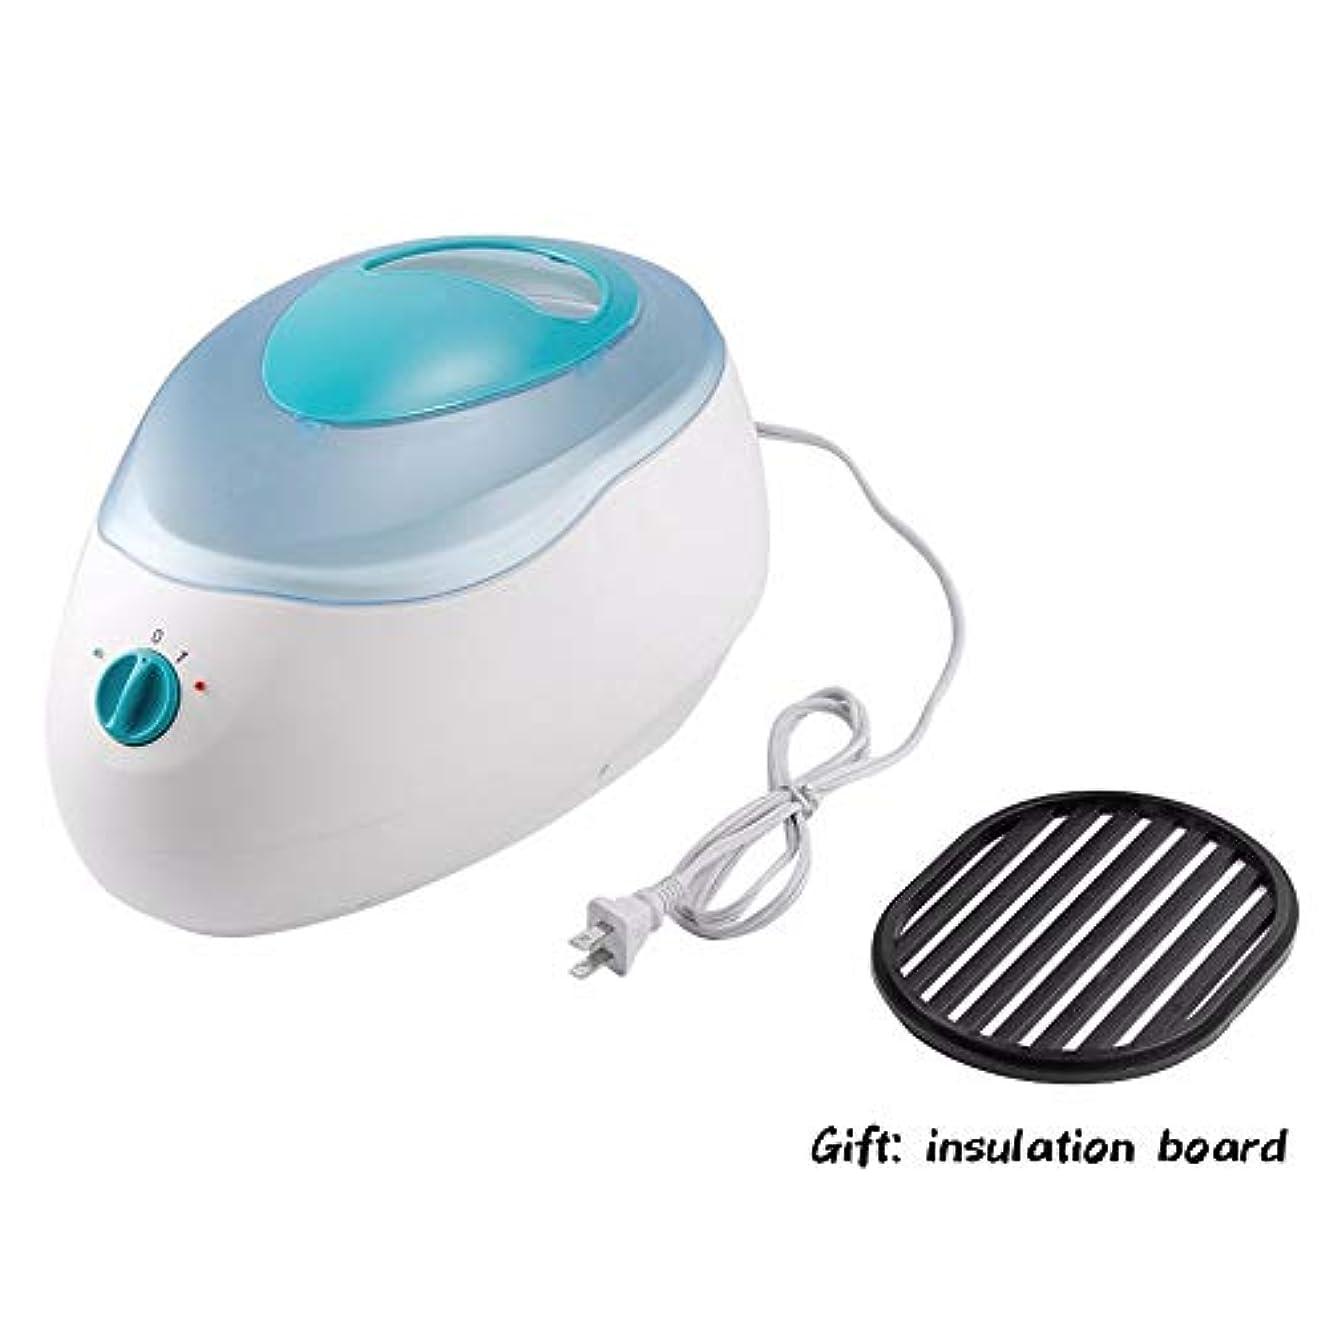 優先権世辞マナーワックスヒーター機200ワットパラフィンヒーター療法浴室ワックスポットヒーター美容院スパ2レベル制御機用スキンケアツール